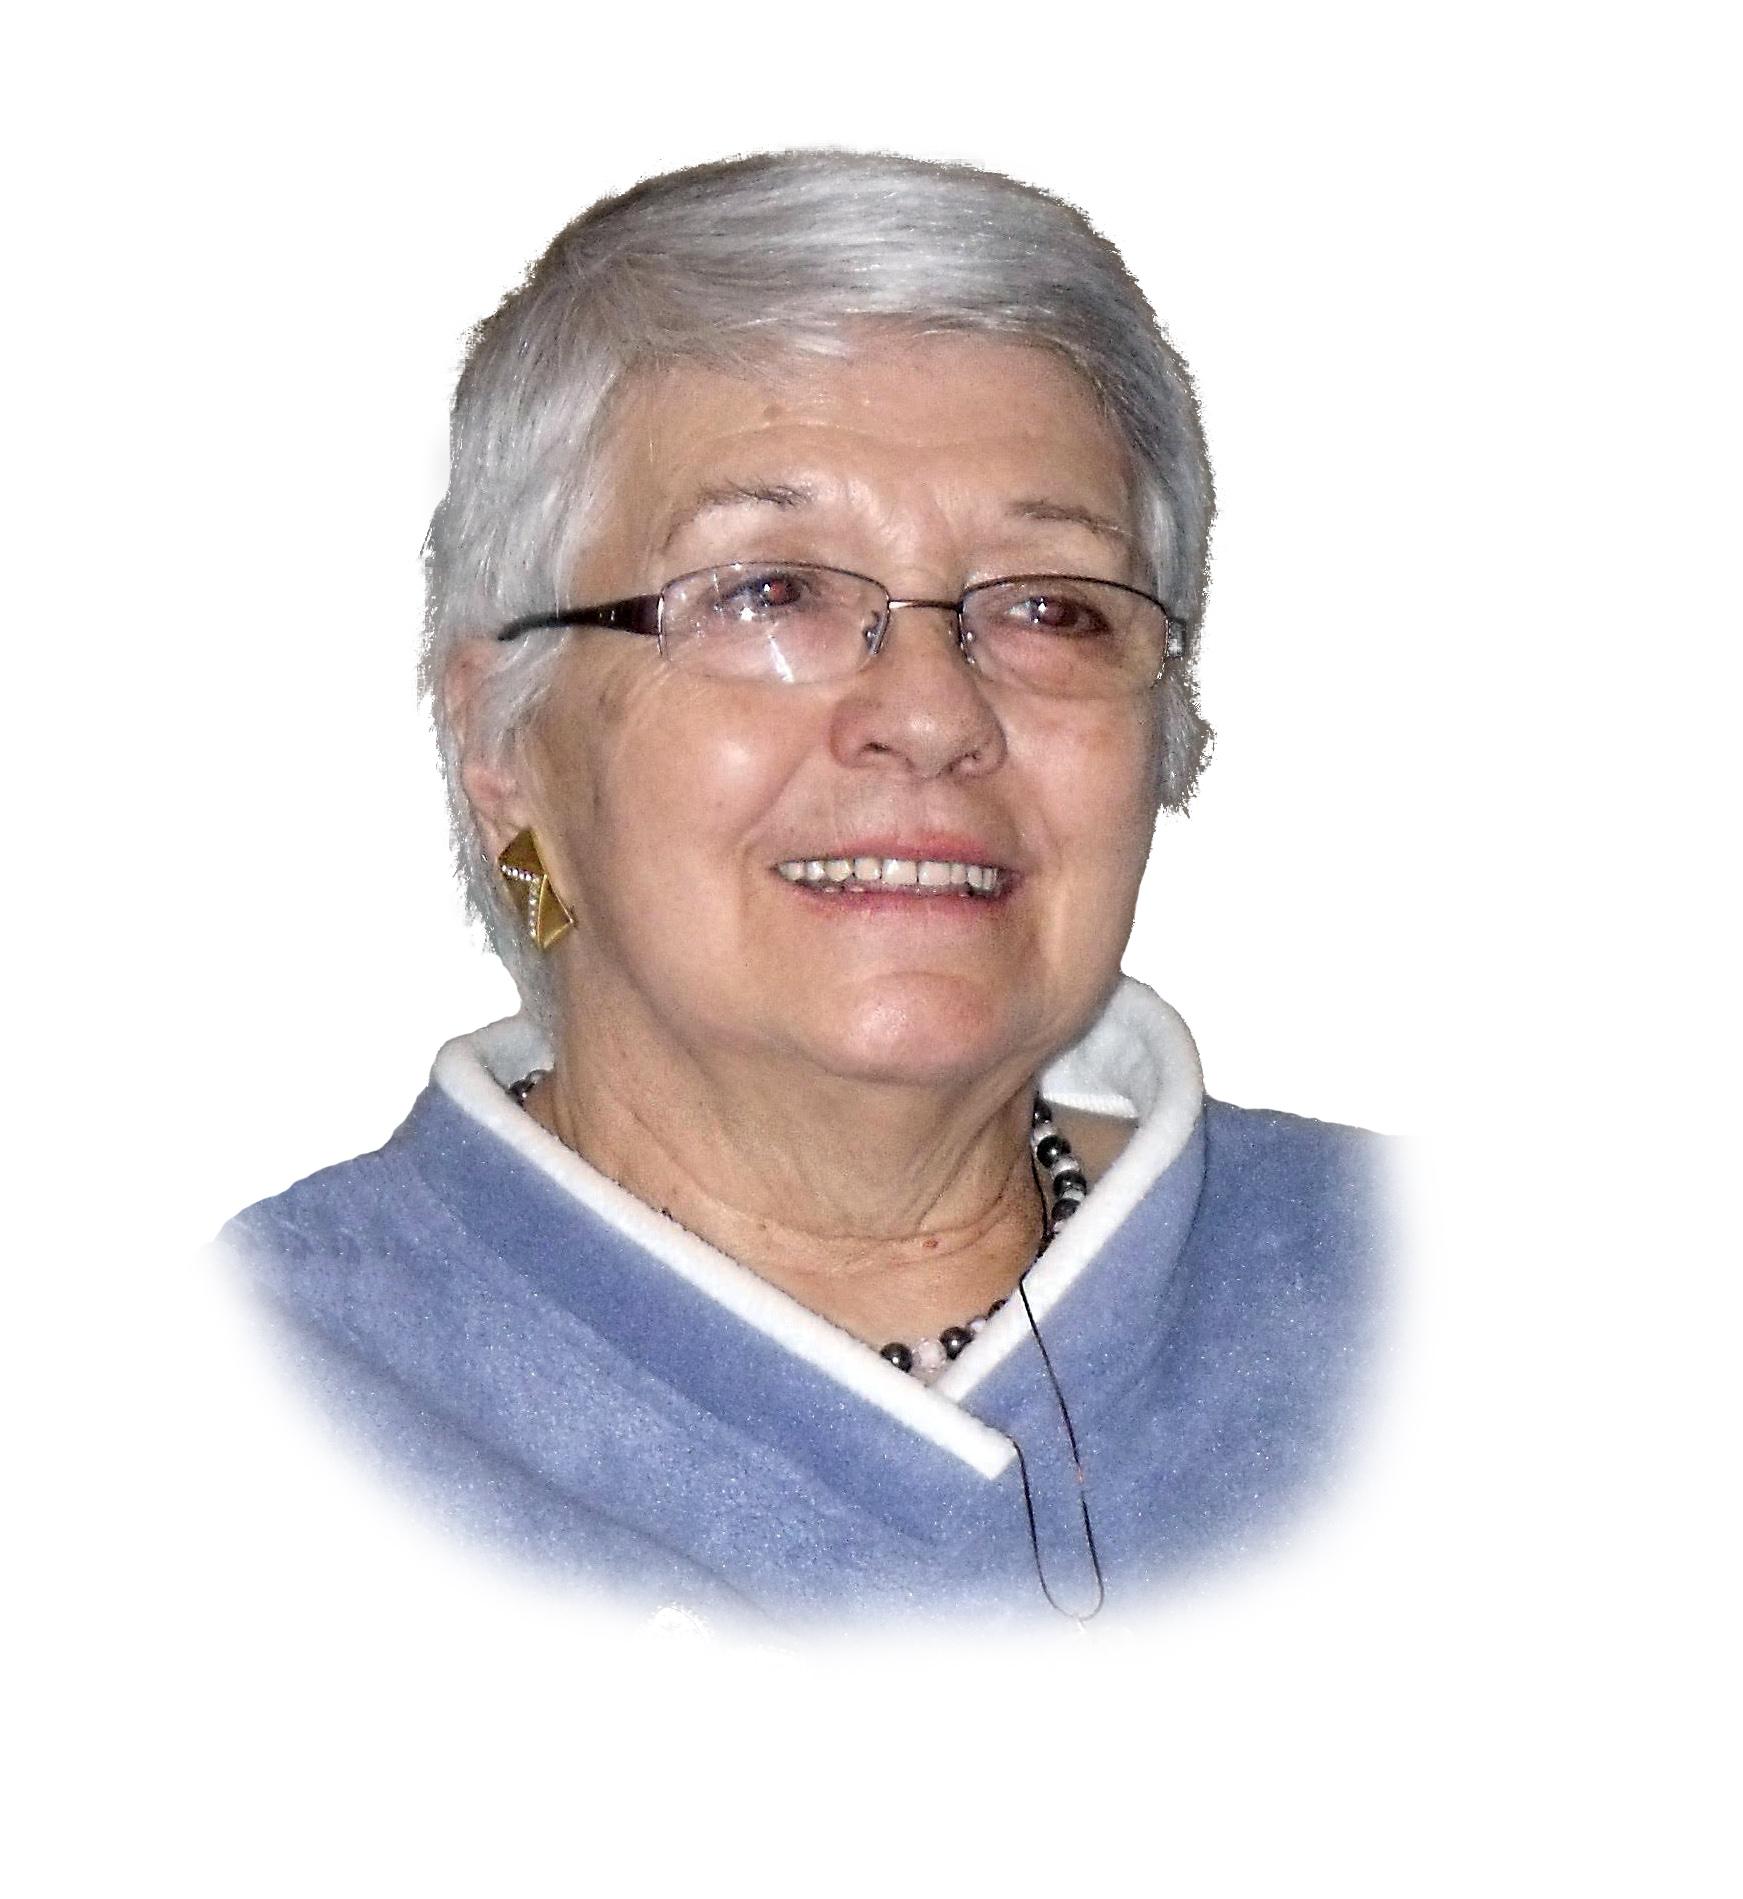 Avis de décès - Résidence funéraire Bernard Longpré Inc. - madame Gisèle Sarrazin